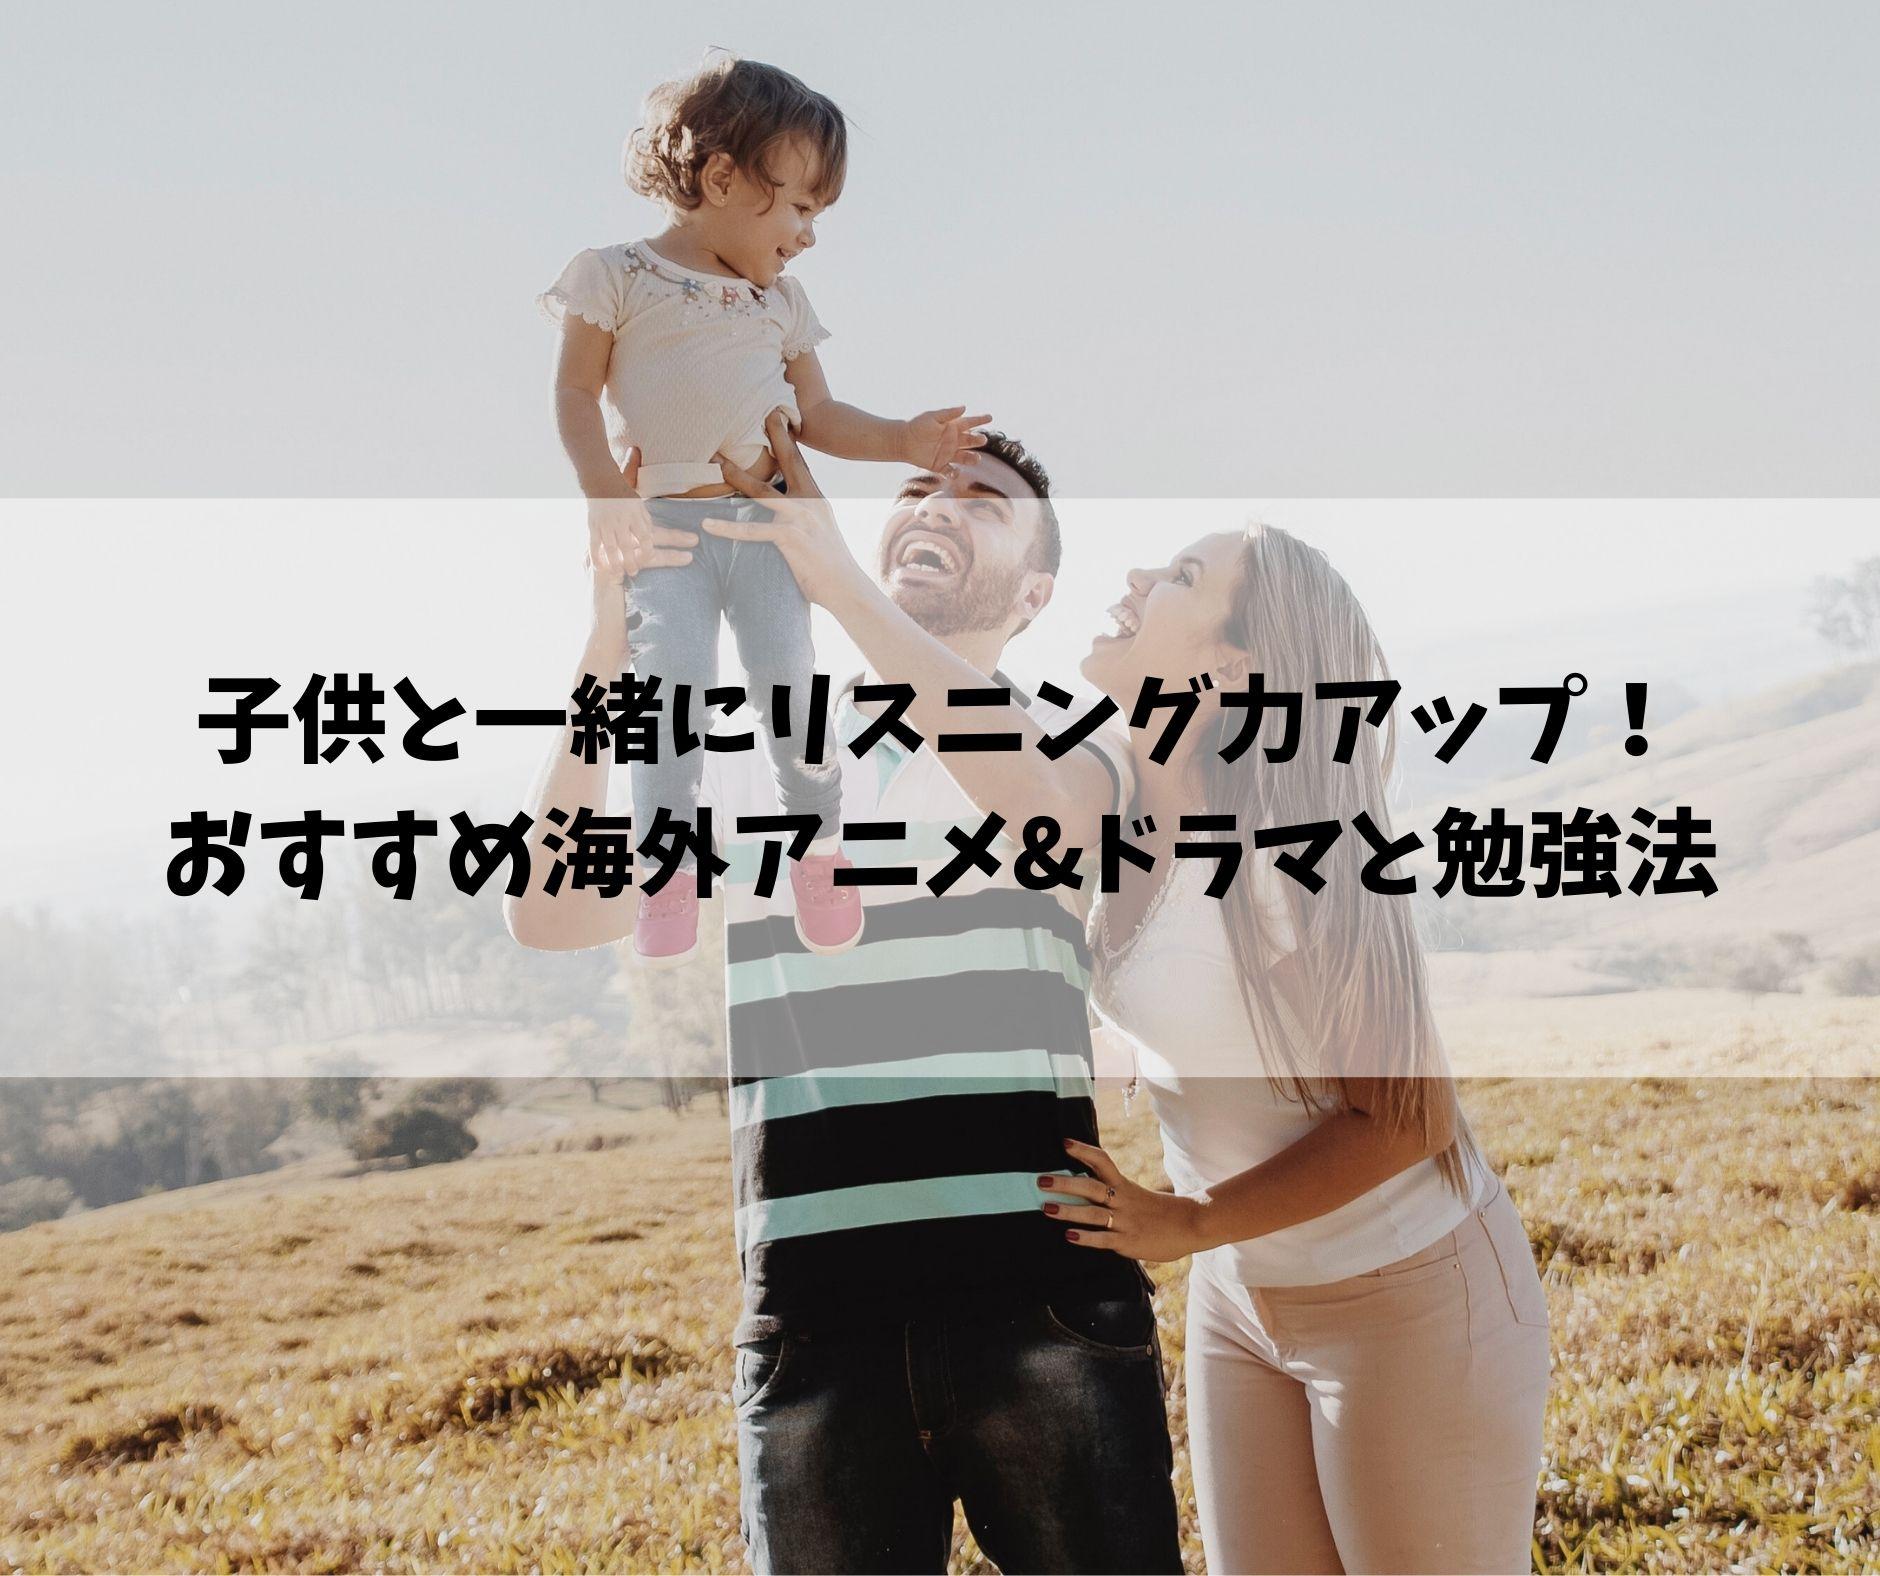 【子供と一緒に英語学習!】親子の英会話に役立つおすすめ海外アニメ&ドラマ